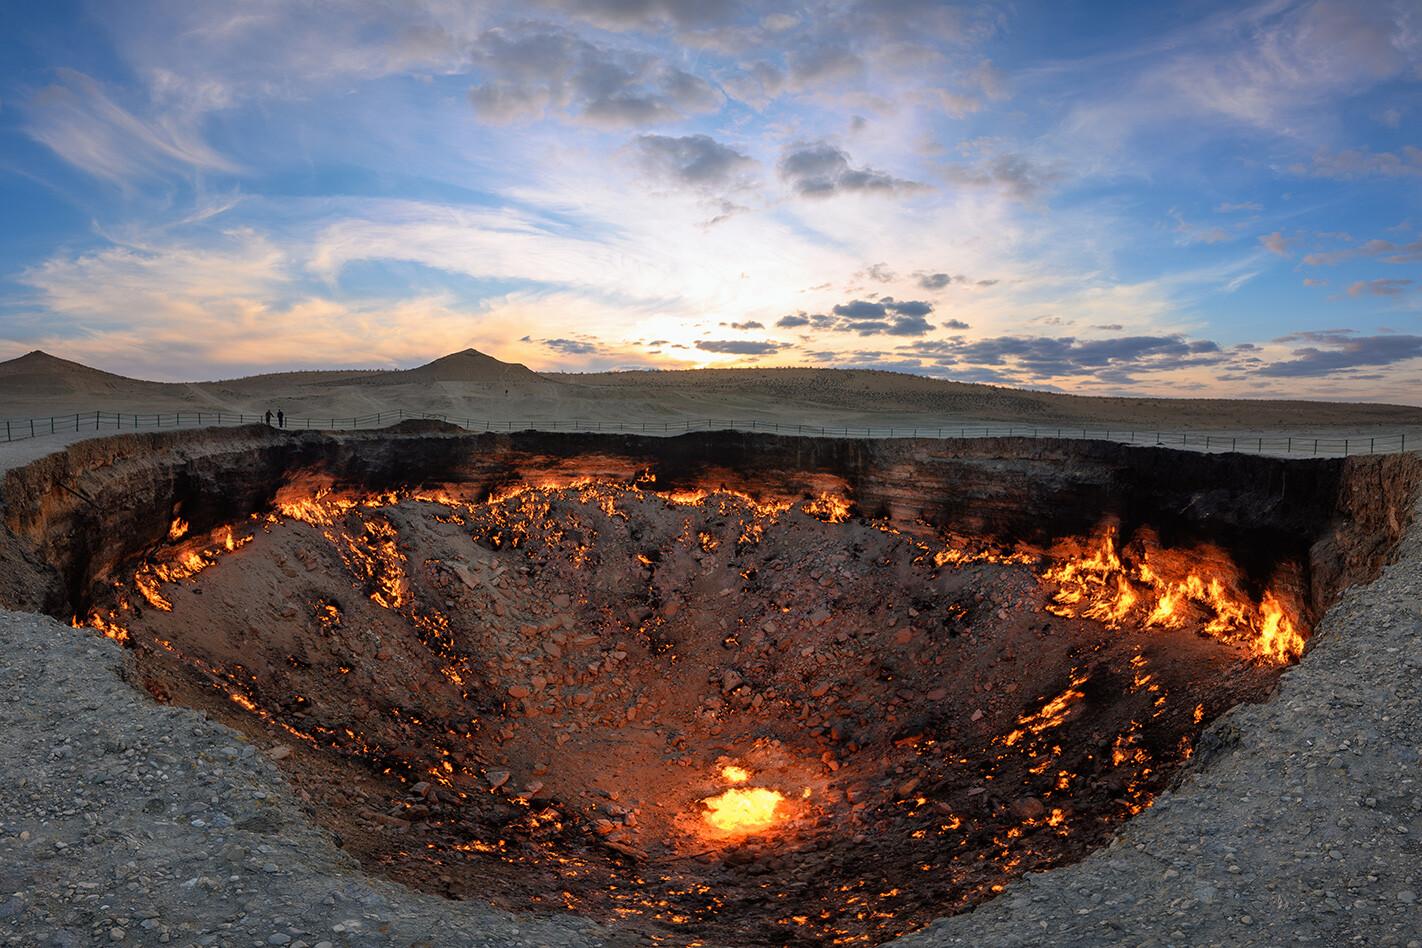 turkmenistan fire pit